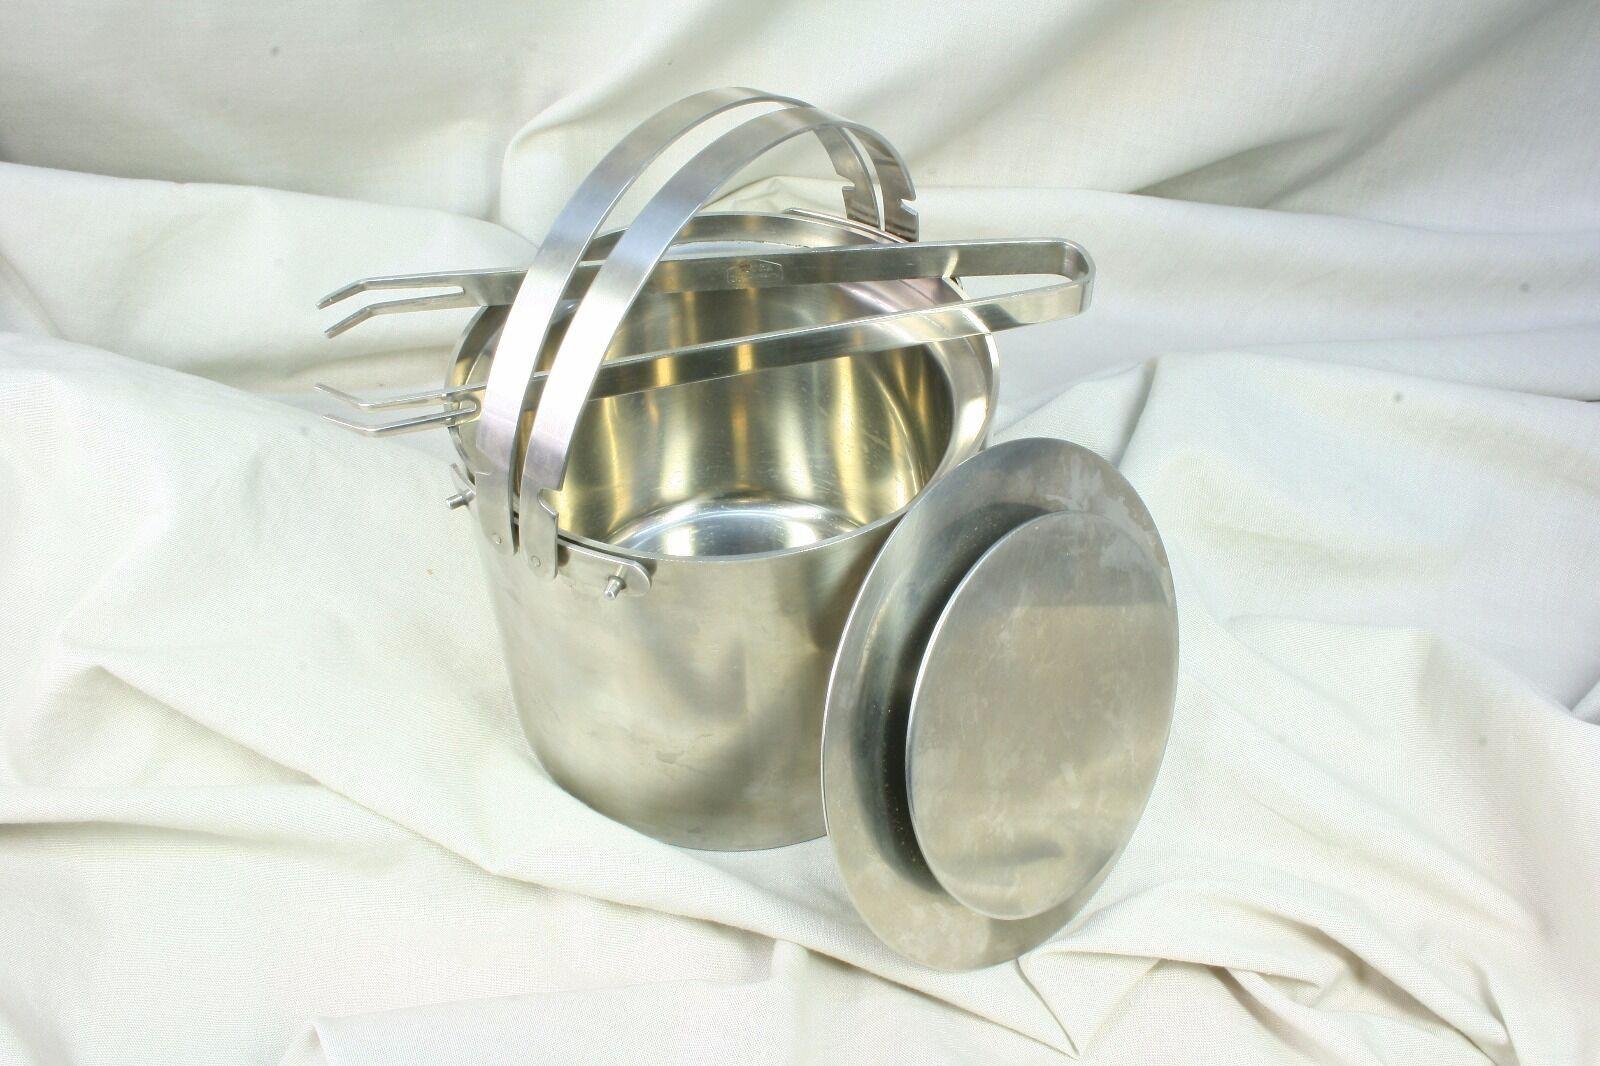 Seau à glace Acier en inoxydable. Arne Jacobsen. SXX à Stainless Steel